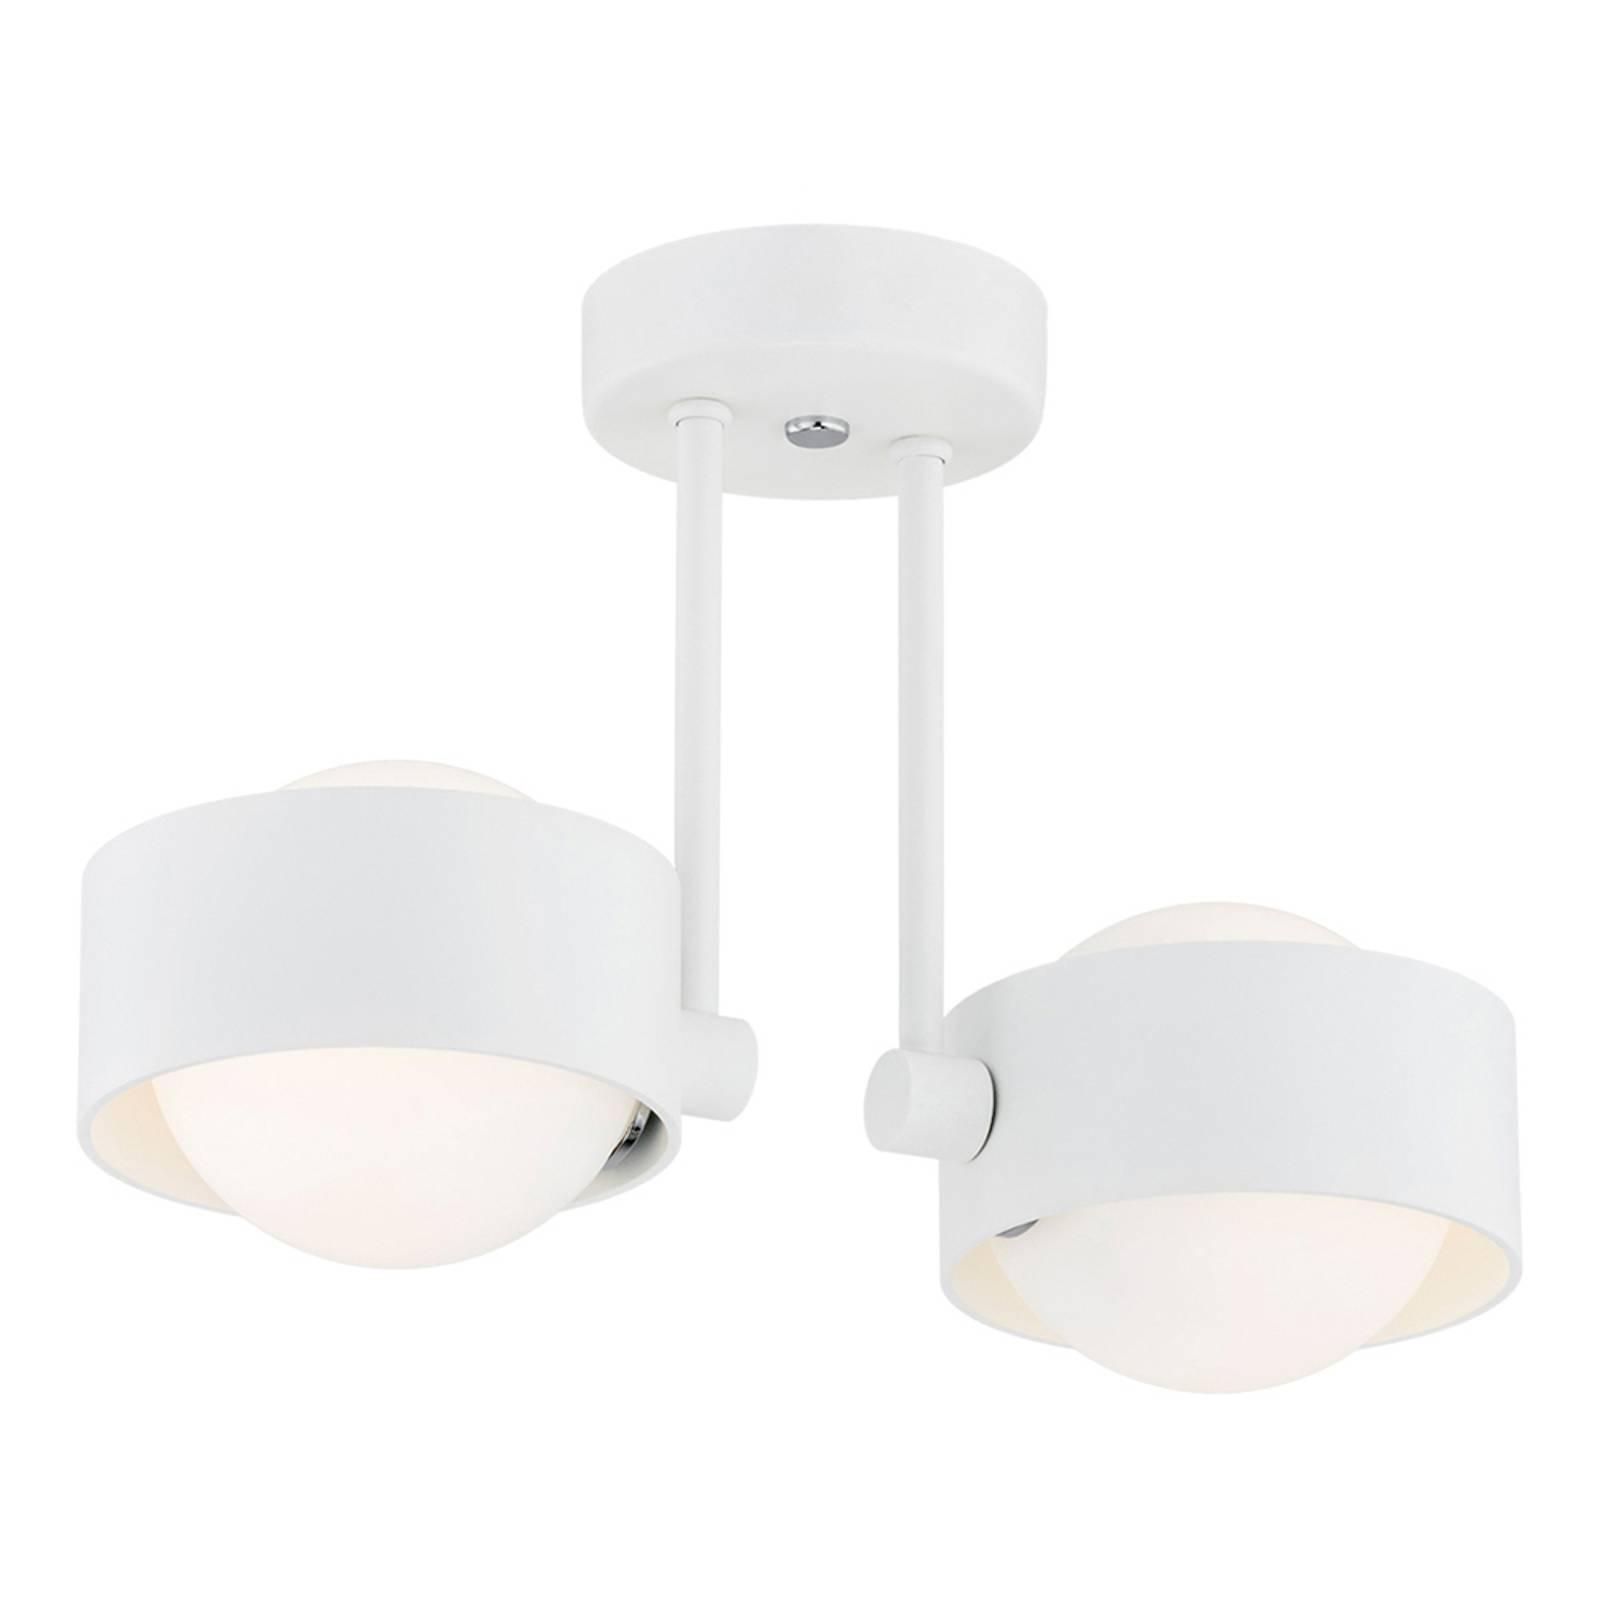 Kylpyhuoneen LED-kattolamppu Macedo, 2-lamppuinen